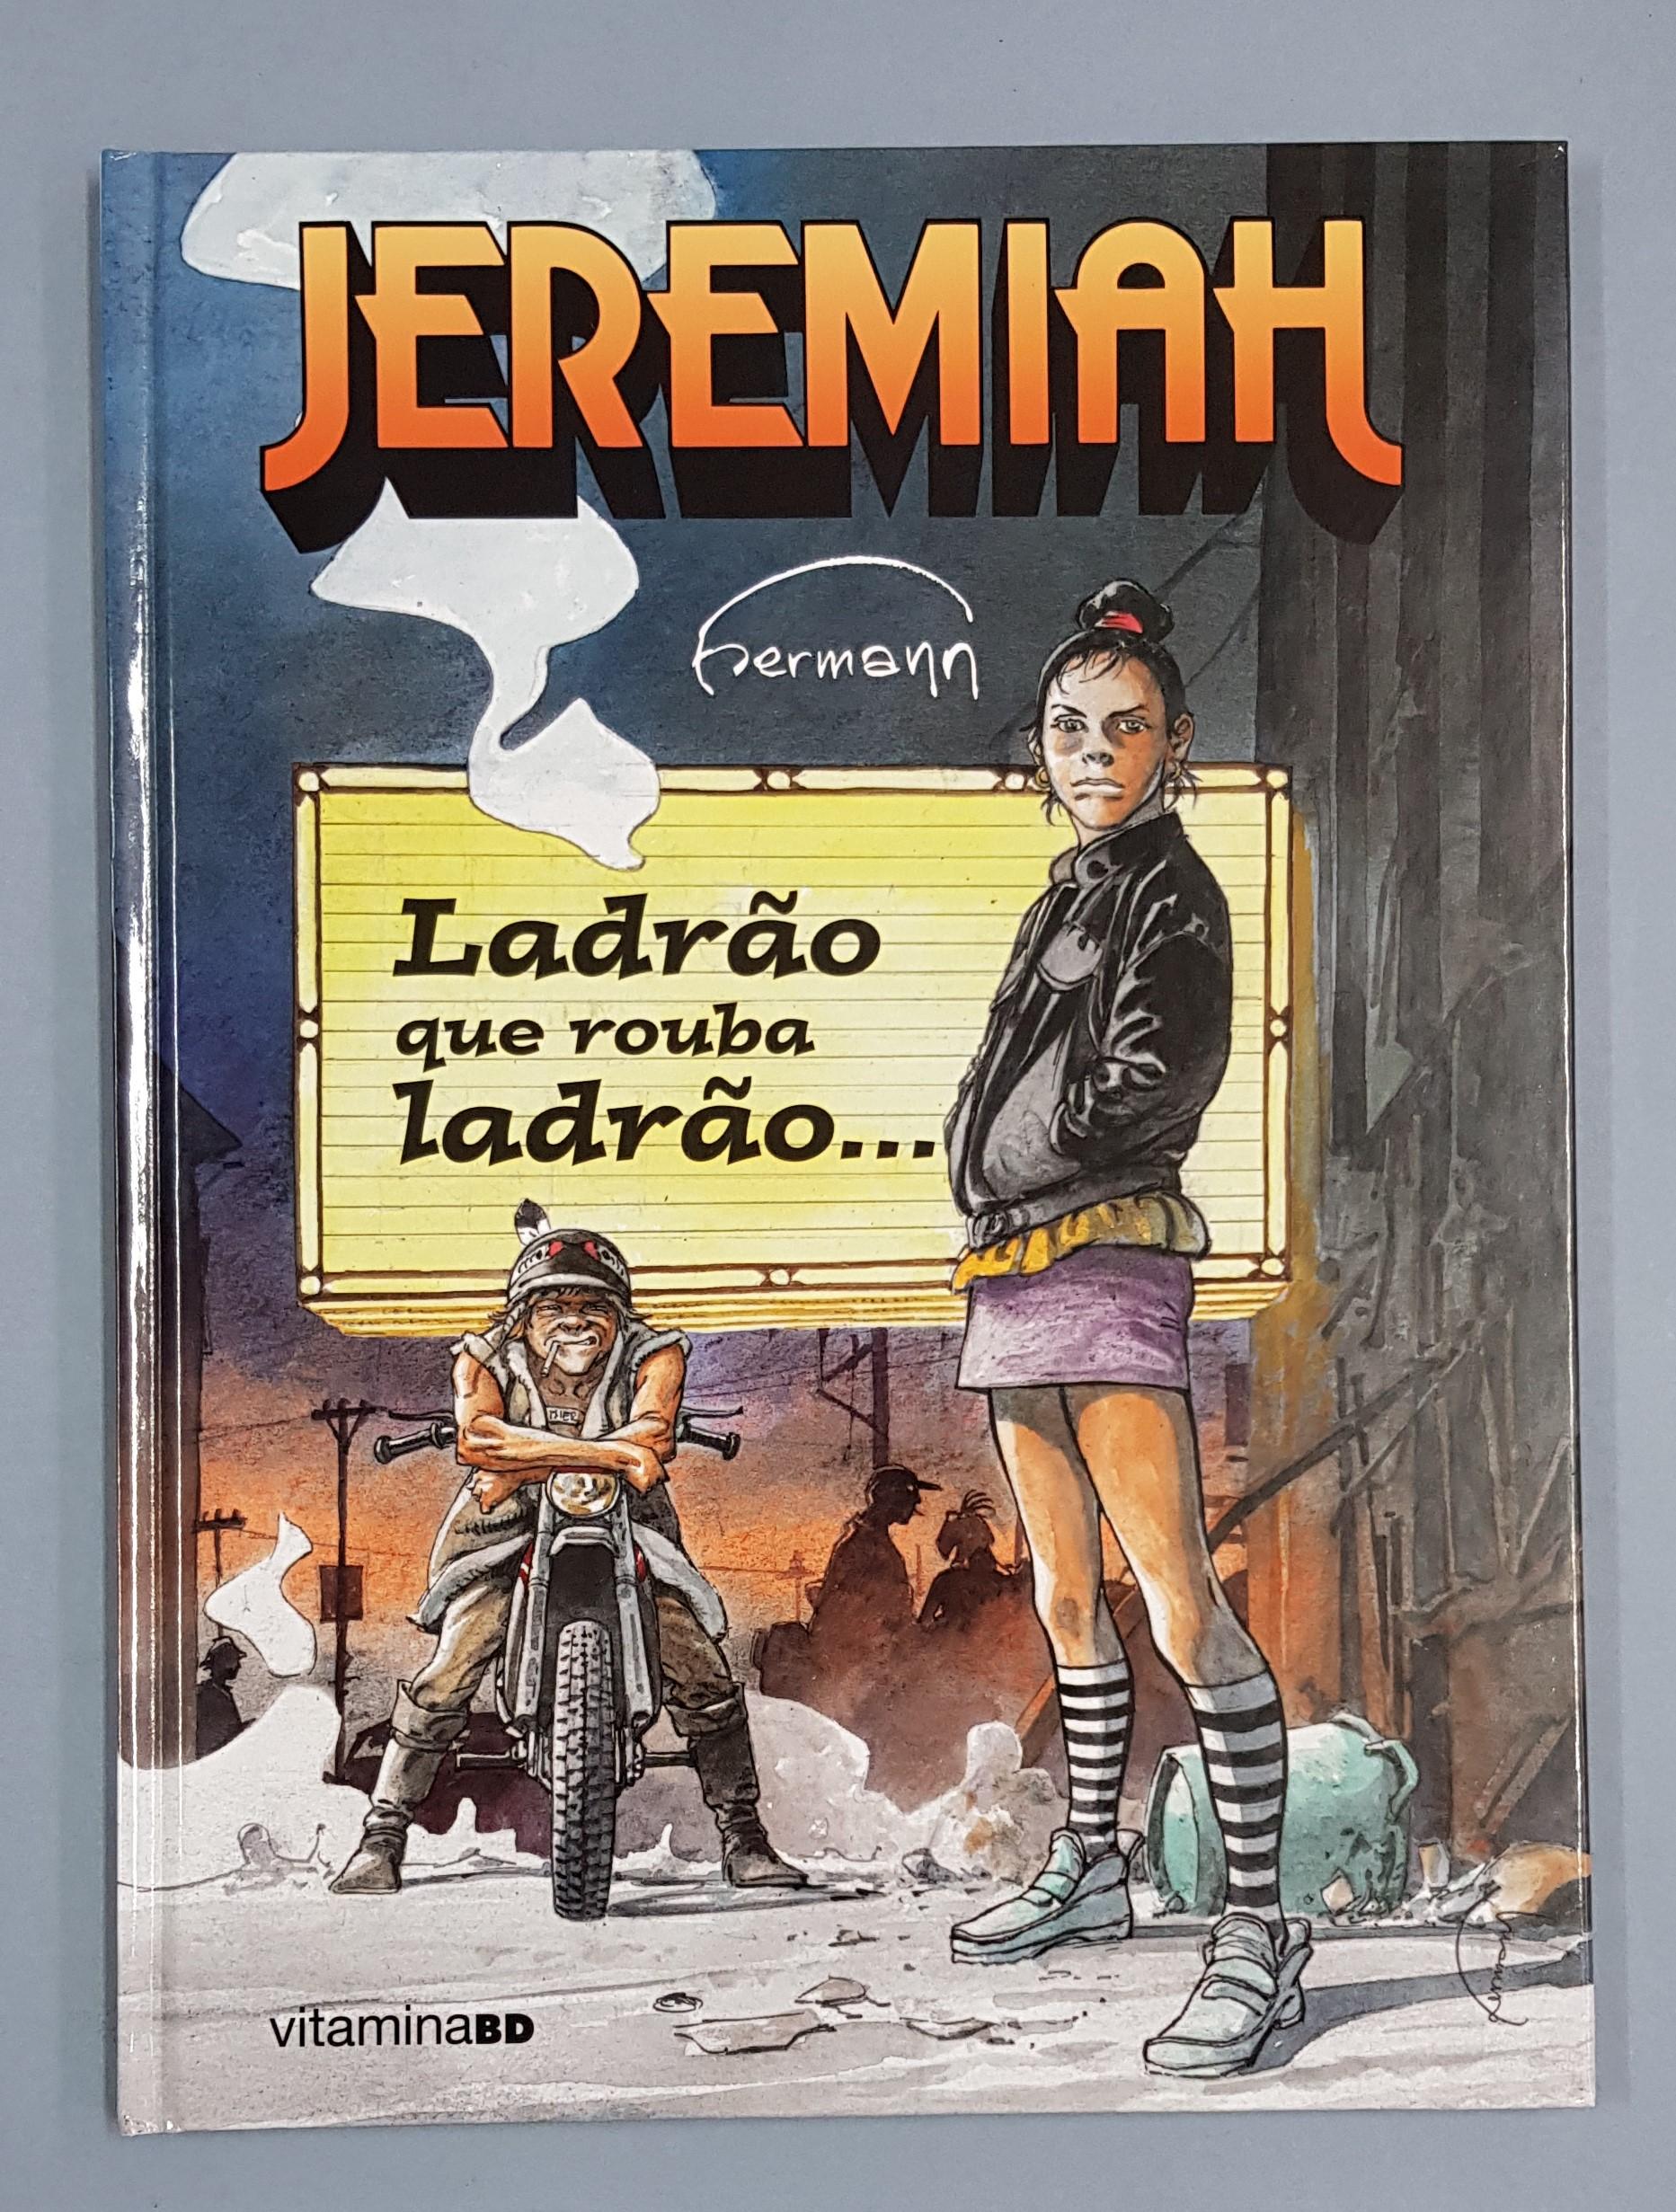 JEREMIAH – LADRÃO QUE ROUBA LADRÃO…